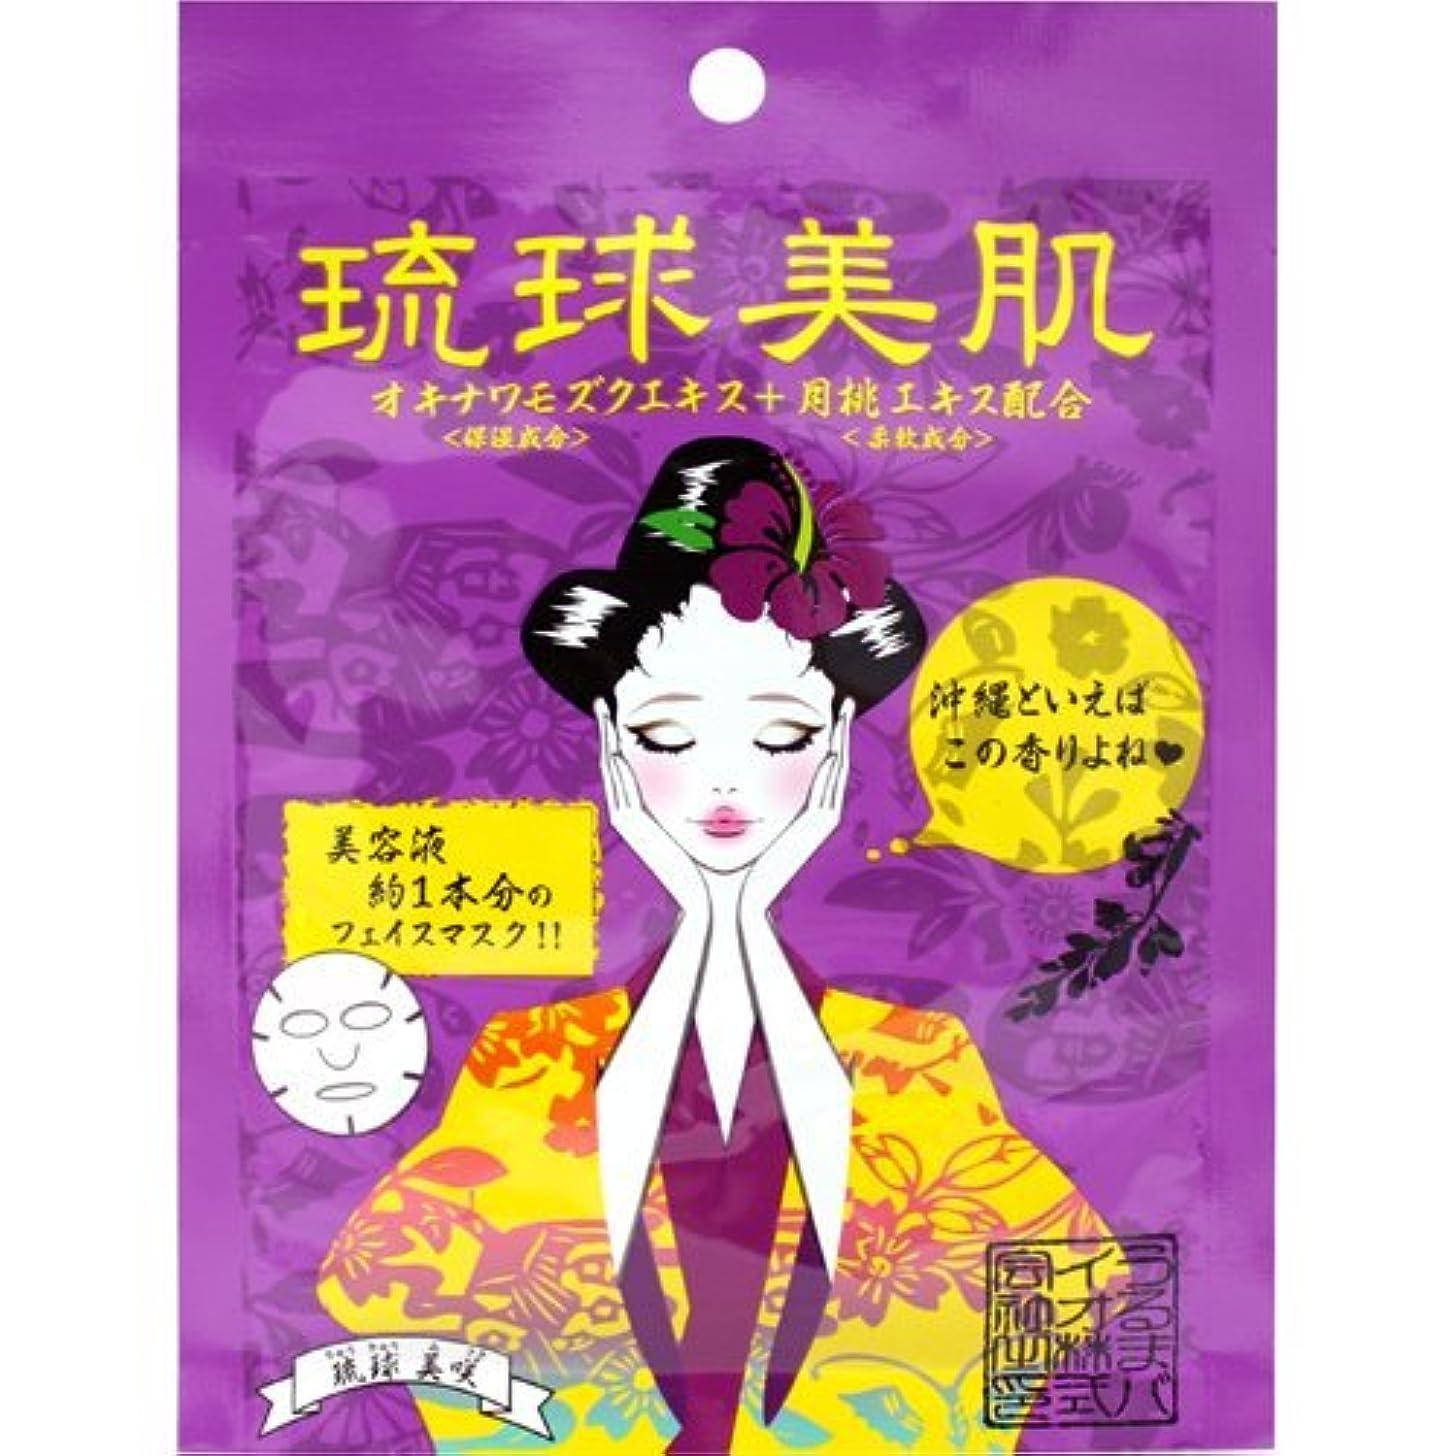 ラフレシアアルノルディ裂け目うなずく琉球美肌 フェイスマスクシート 月桃×10袋